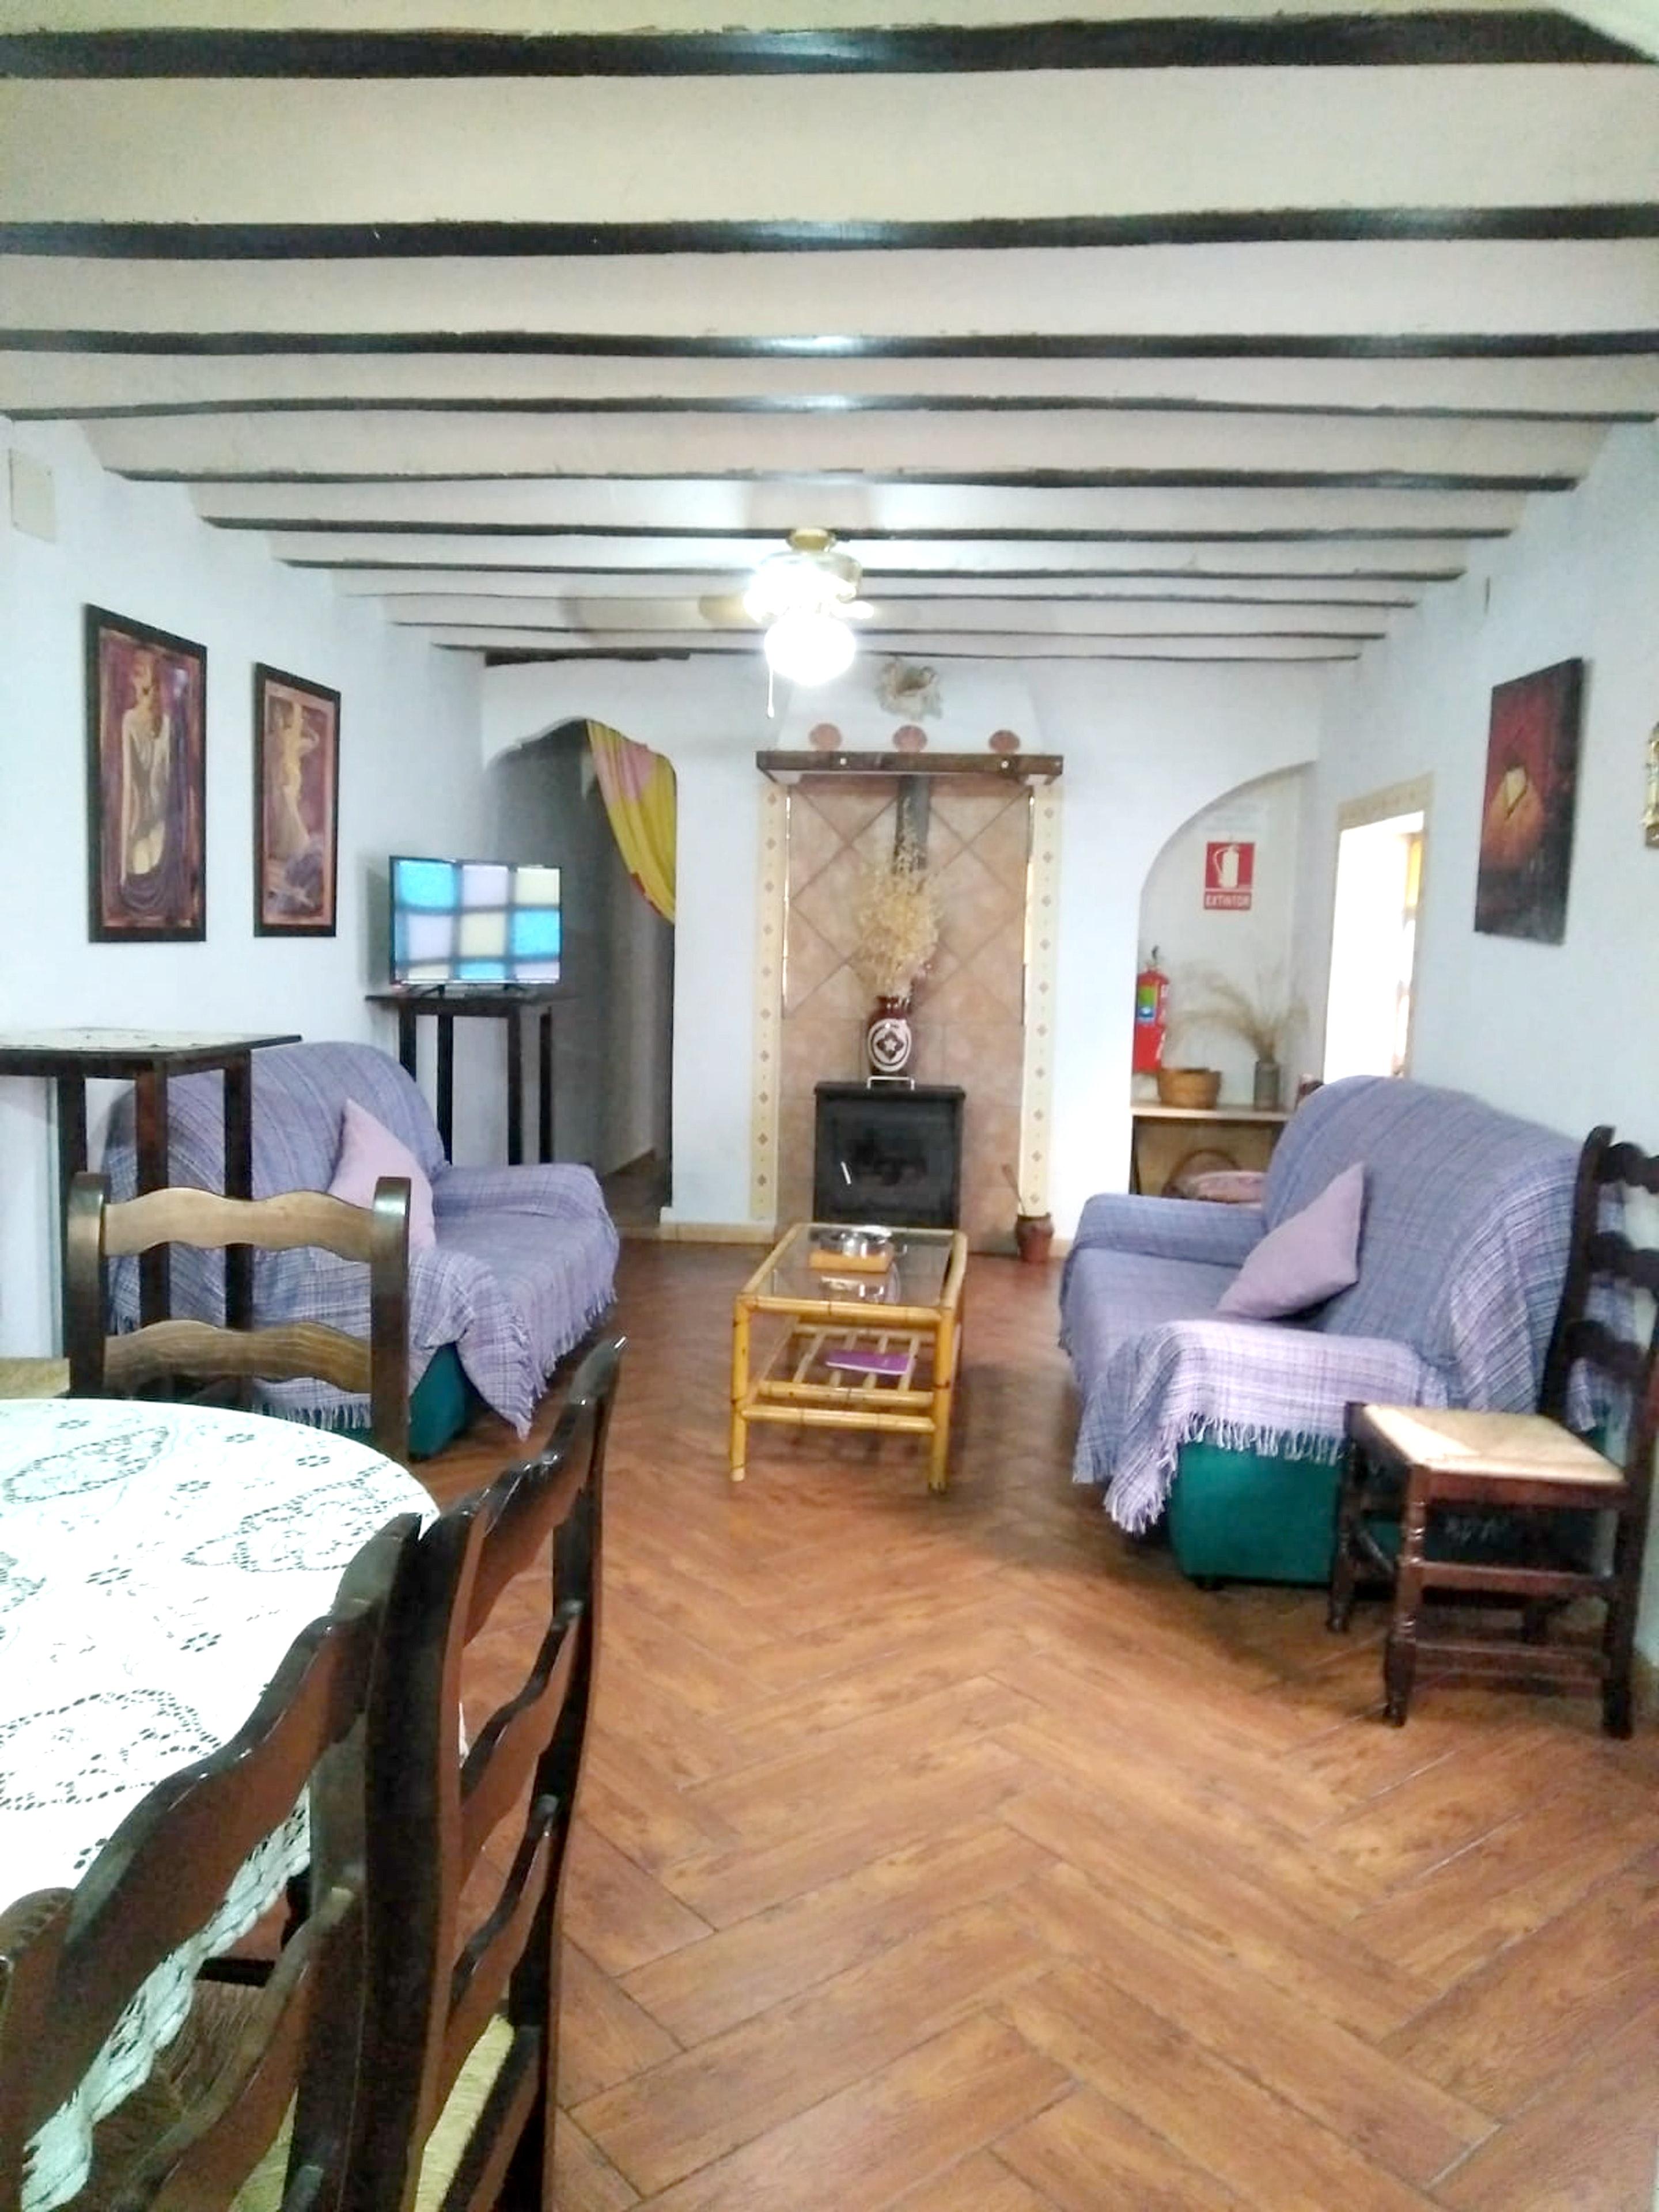 Ferienhaus Haus mit 5 Schlafzimmern in Casas del Cerro mit toller Aussicht auf die Berge und möbliert (2201517), Casas del Cerro, Albacete, Kastilien-La Mancha, Spanien, Bild 5